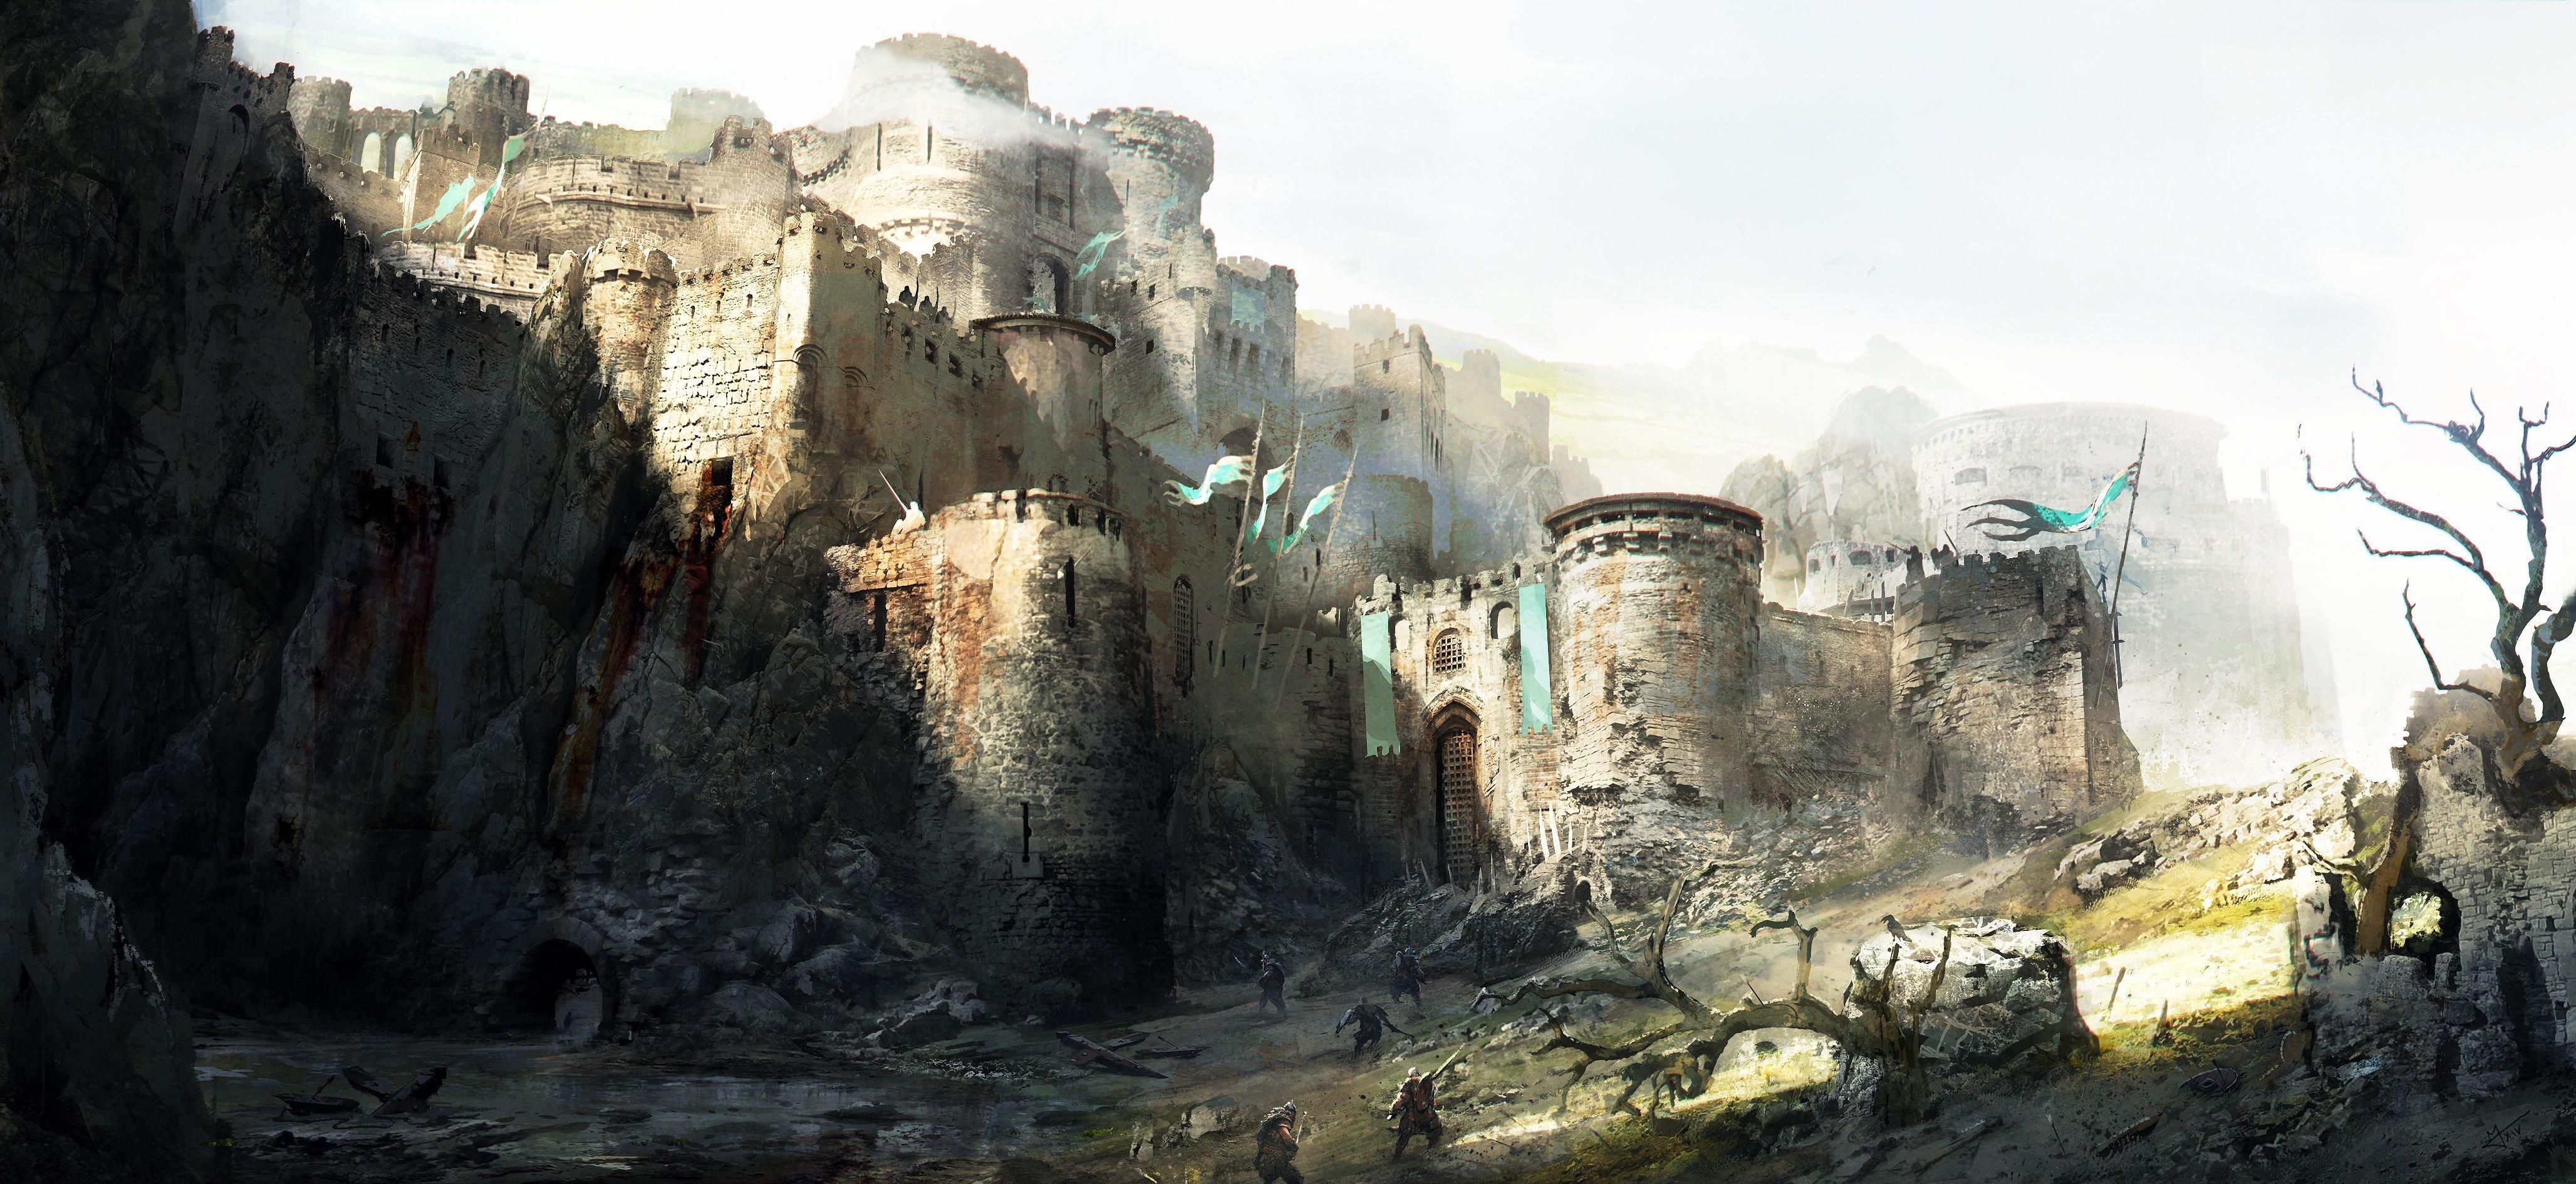 Stronghold_of_Drzek.jpg